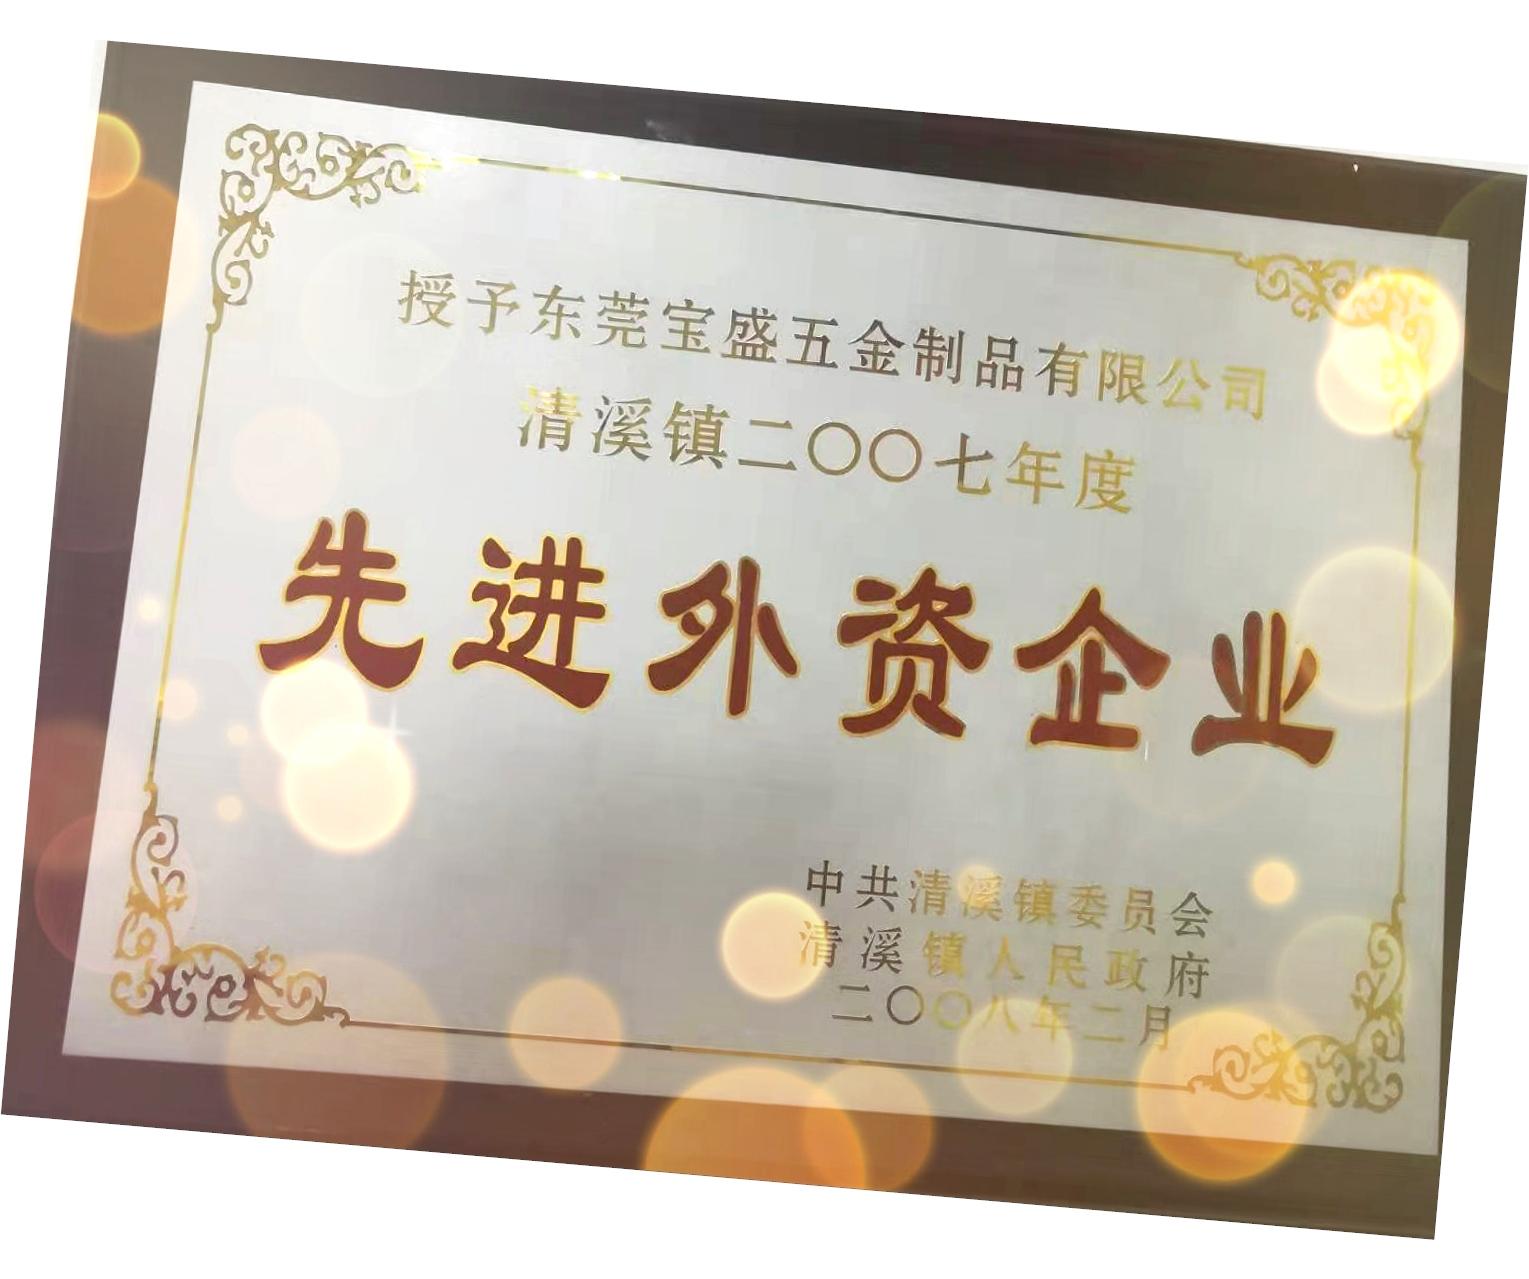 公司荣誉-美化-28_看图王